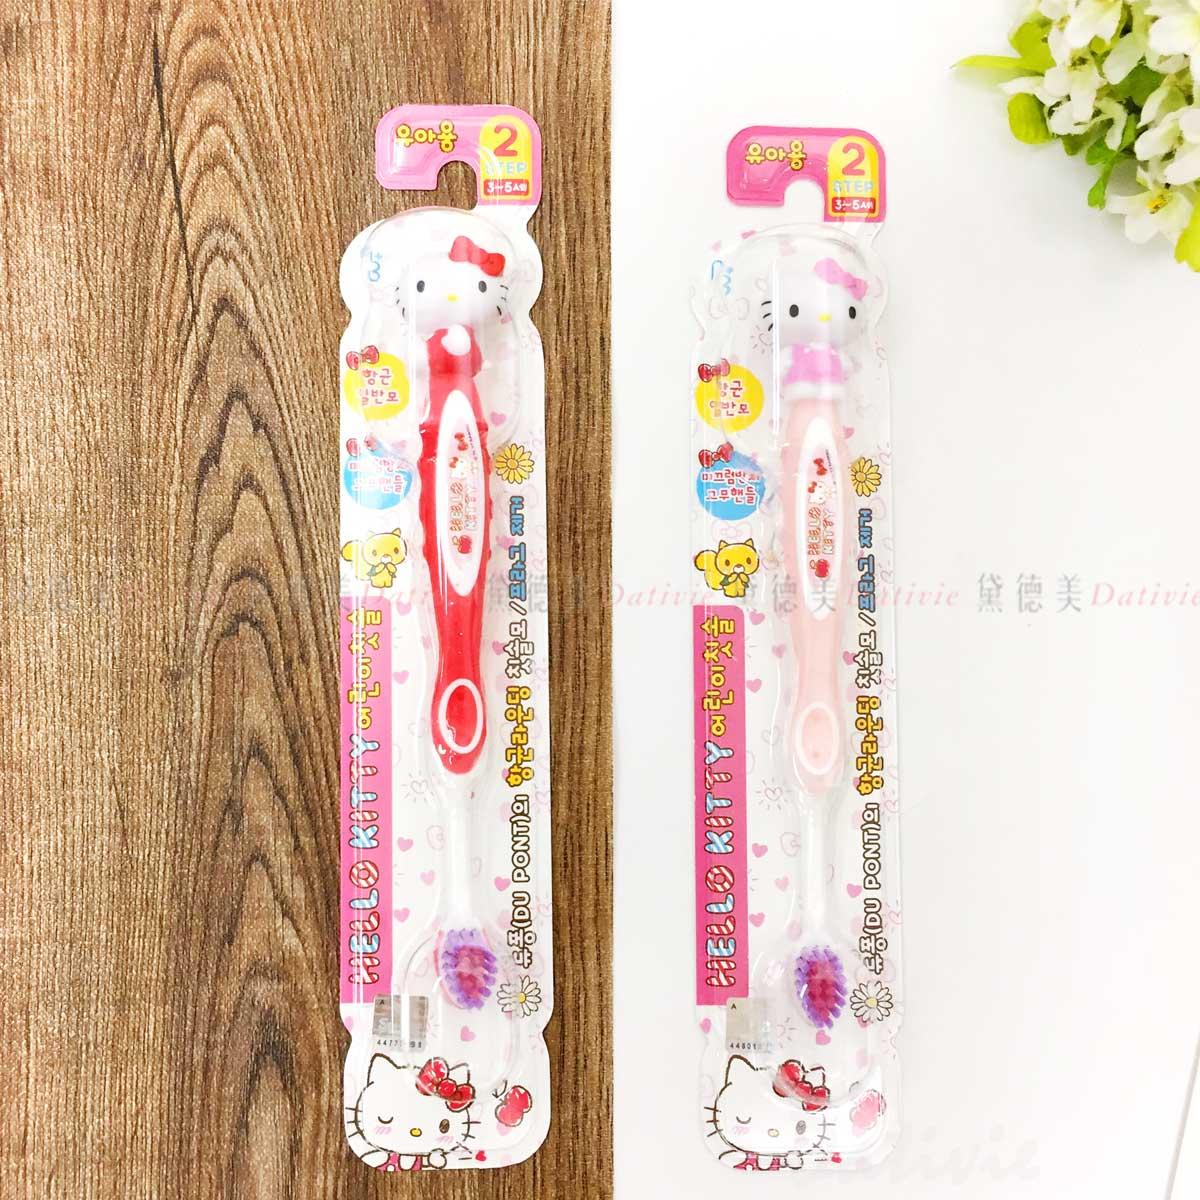 兒童牙刷-凱蒂貓 HELLO KITTY 三麗鷗 Sanrio 韓國進口正版授權